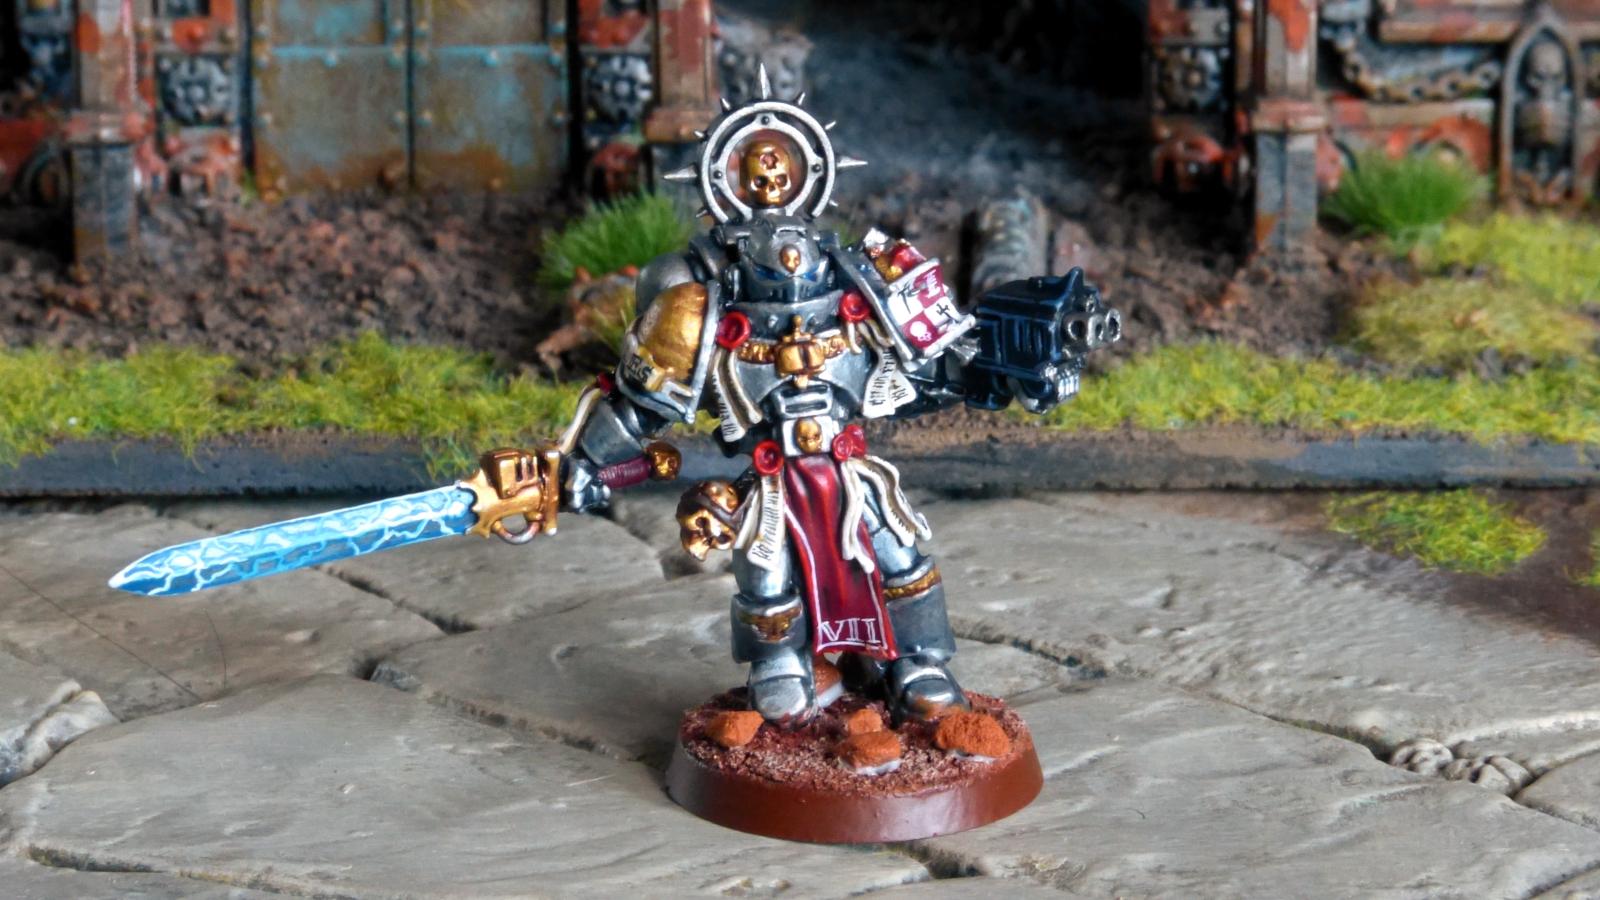 Aediles, Bruderschafts-Champion der 7. Bruderschaft